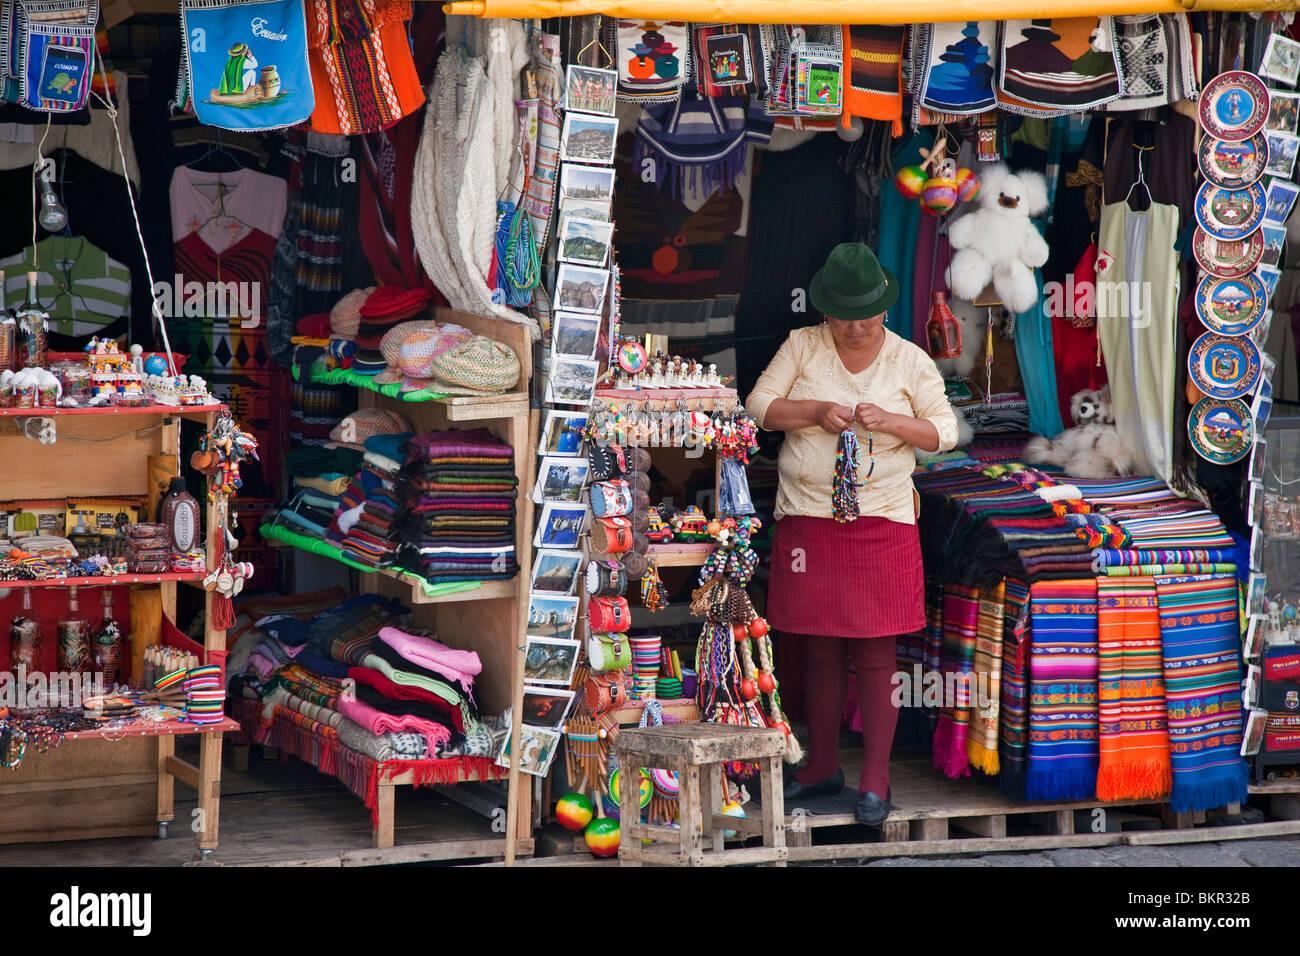 Ecuador, einem Straßenrand stall verkaufendes lokales Kunsthandwerk in Quito. Stockbild